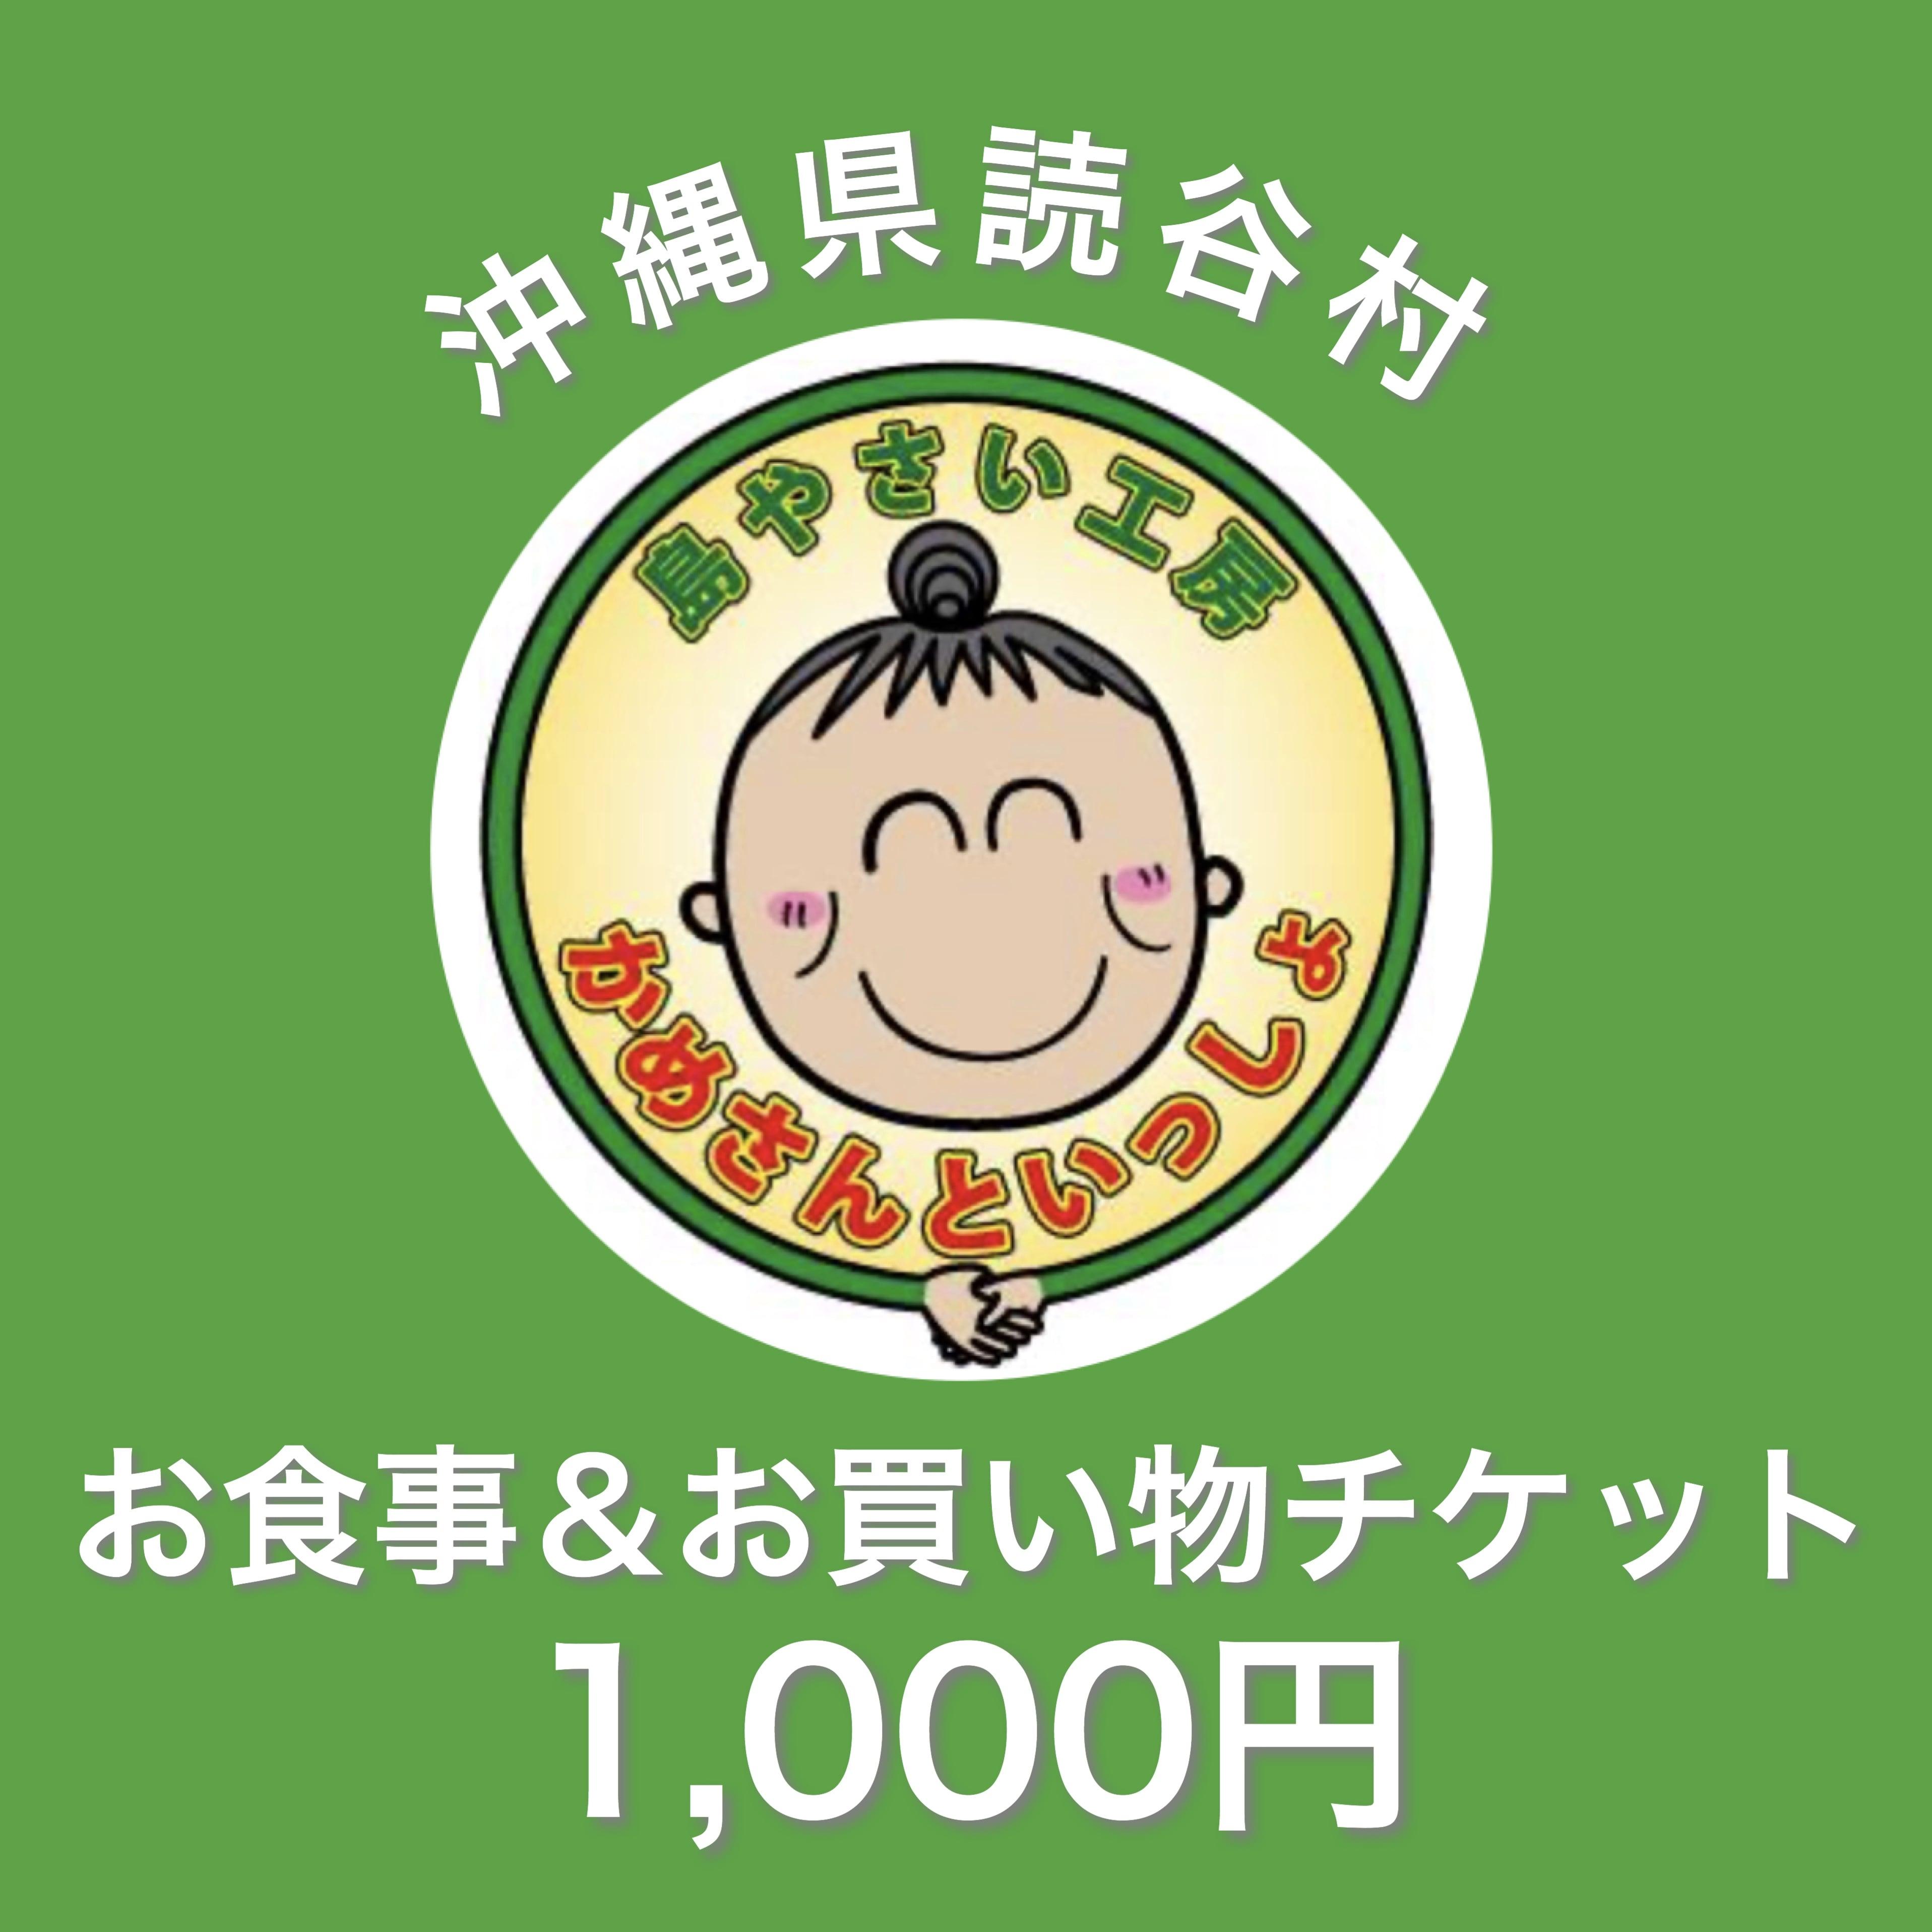 お食事&お買い物チケット/1,000円のイメージその1